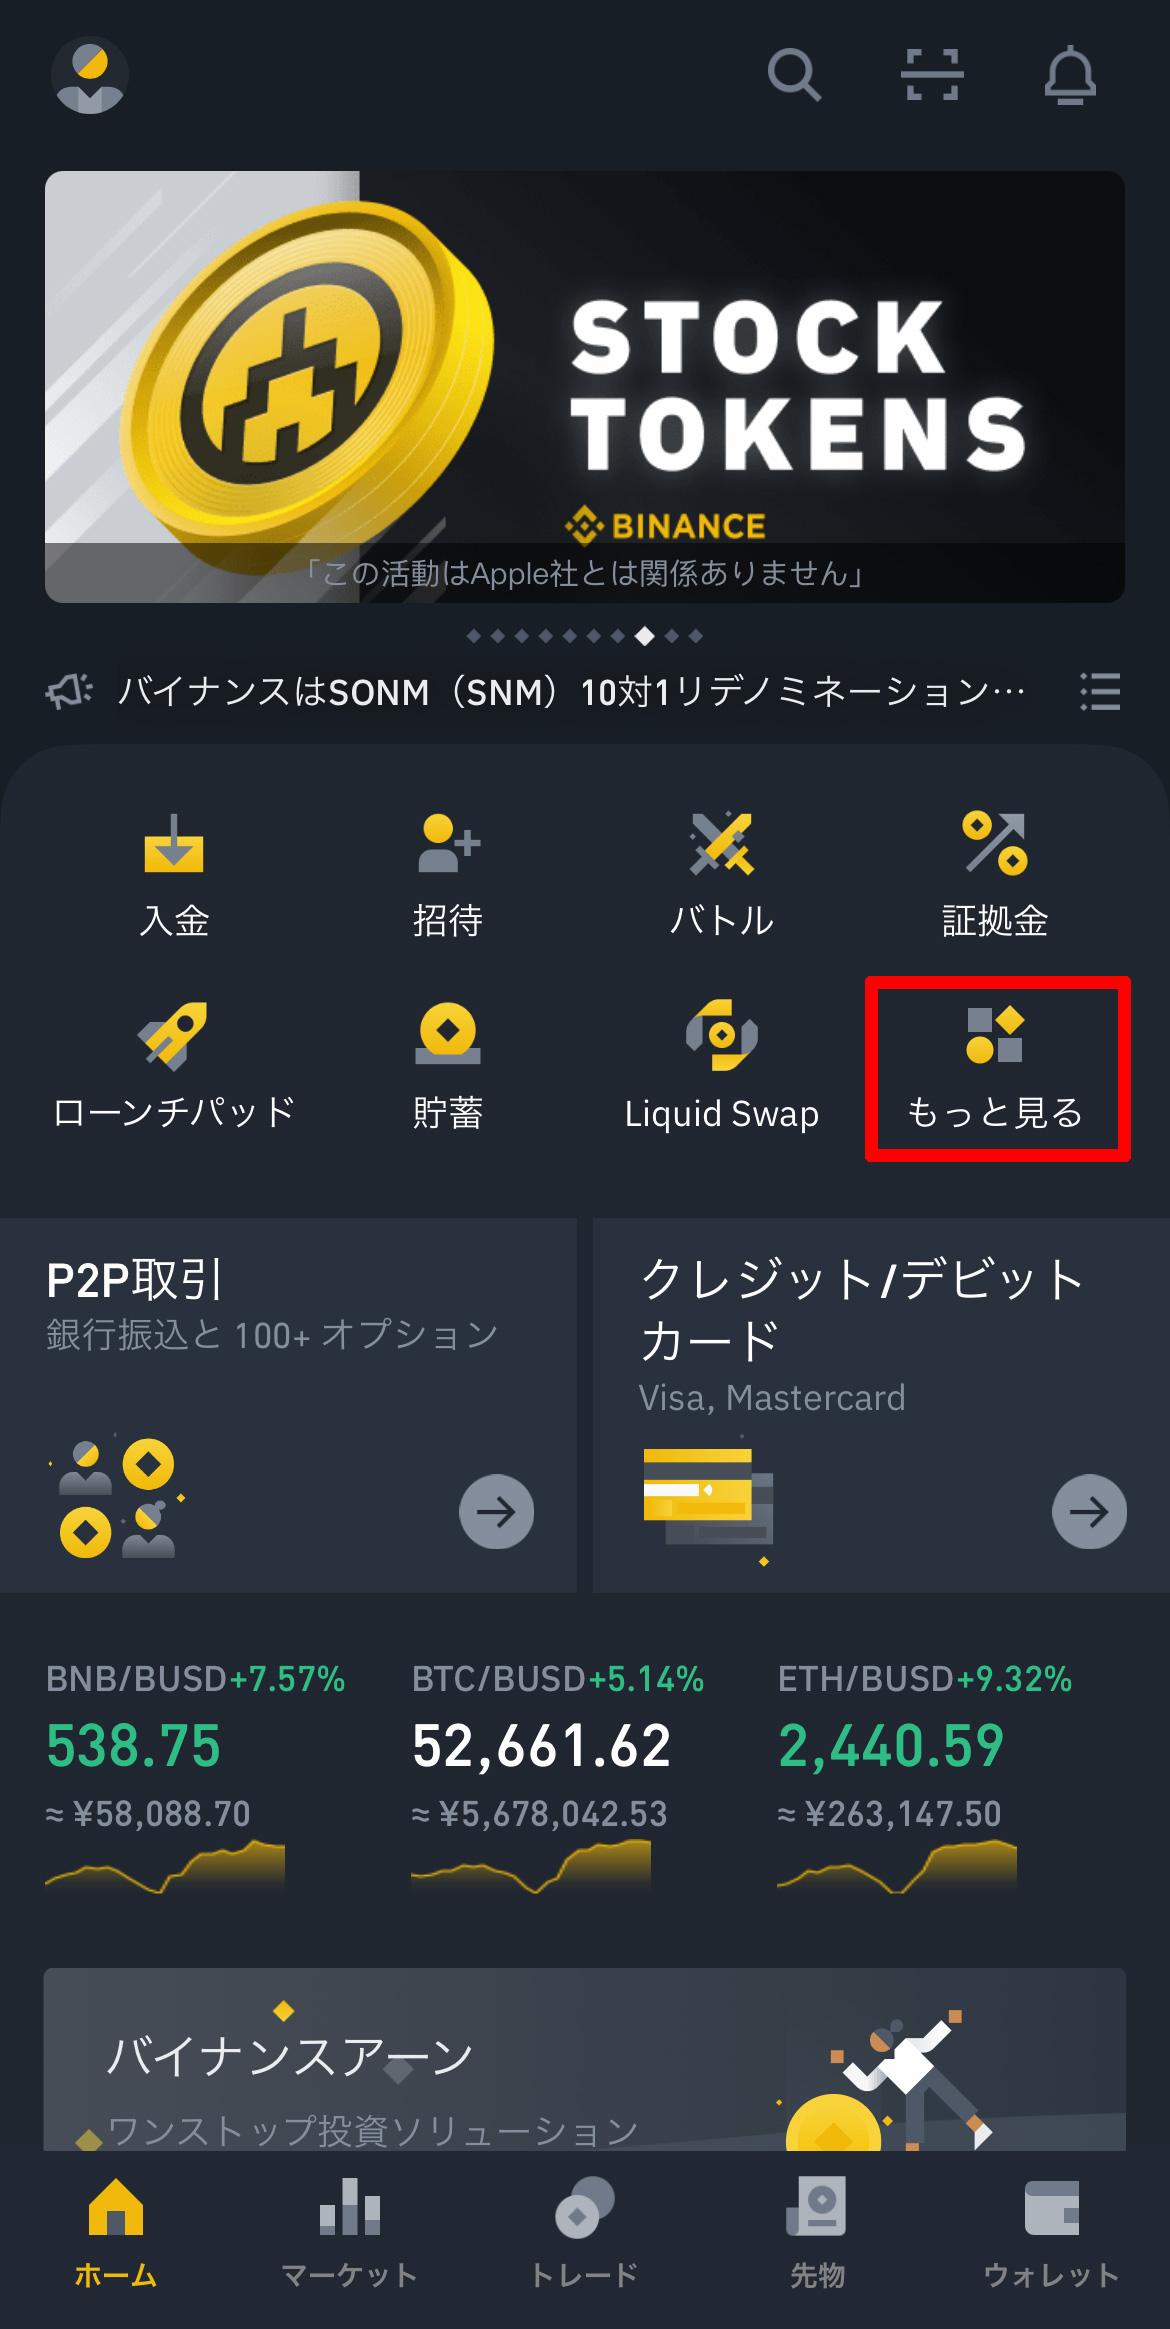 BINANCEアプリのホーム画面に表示されている「もっと見る」のボタンをタップ